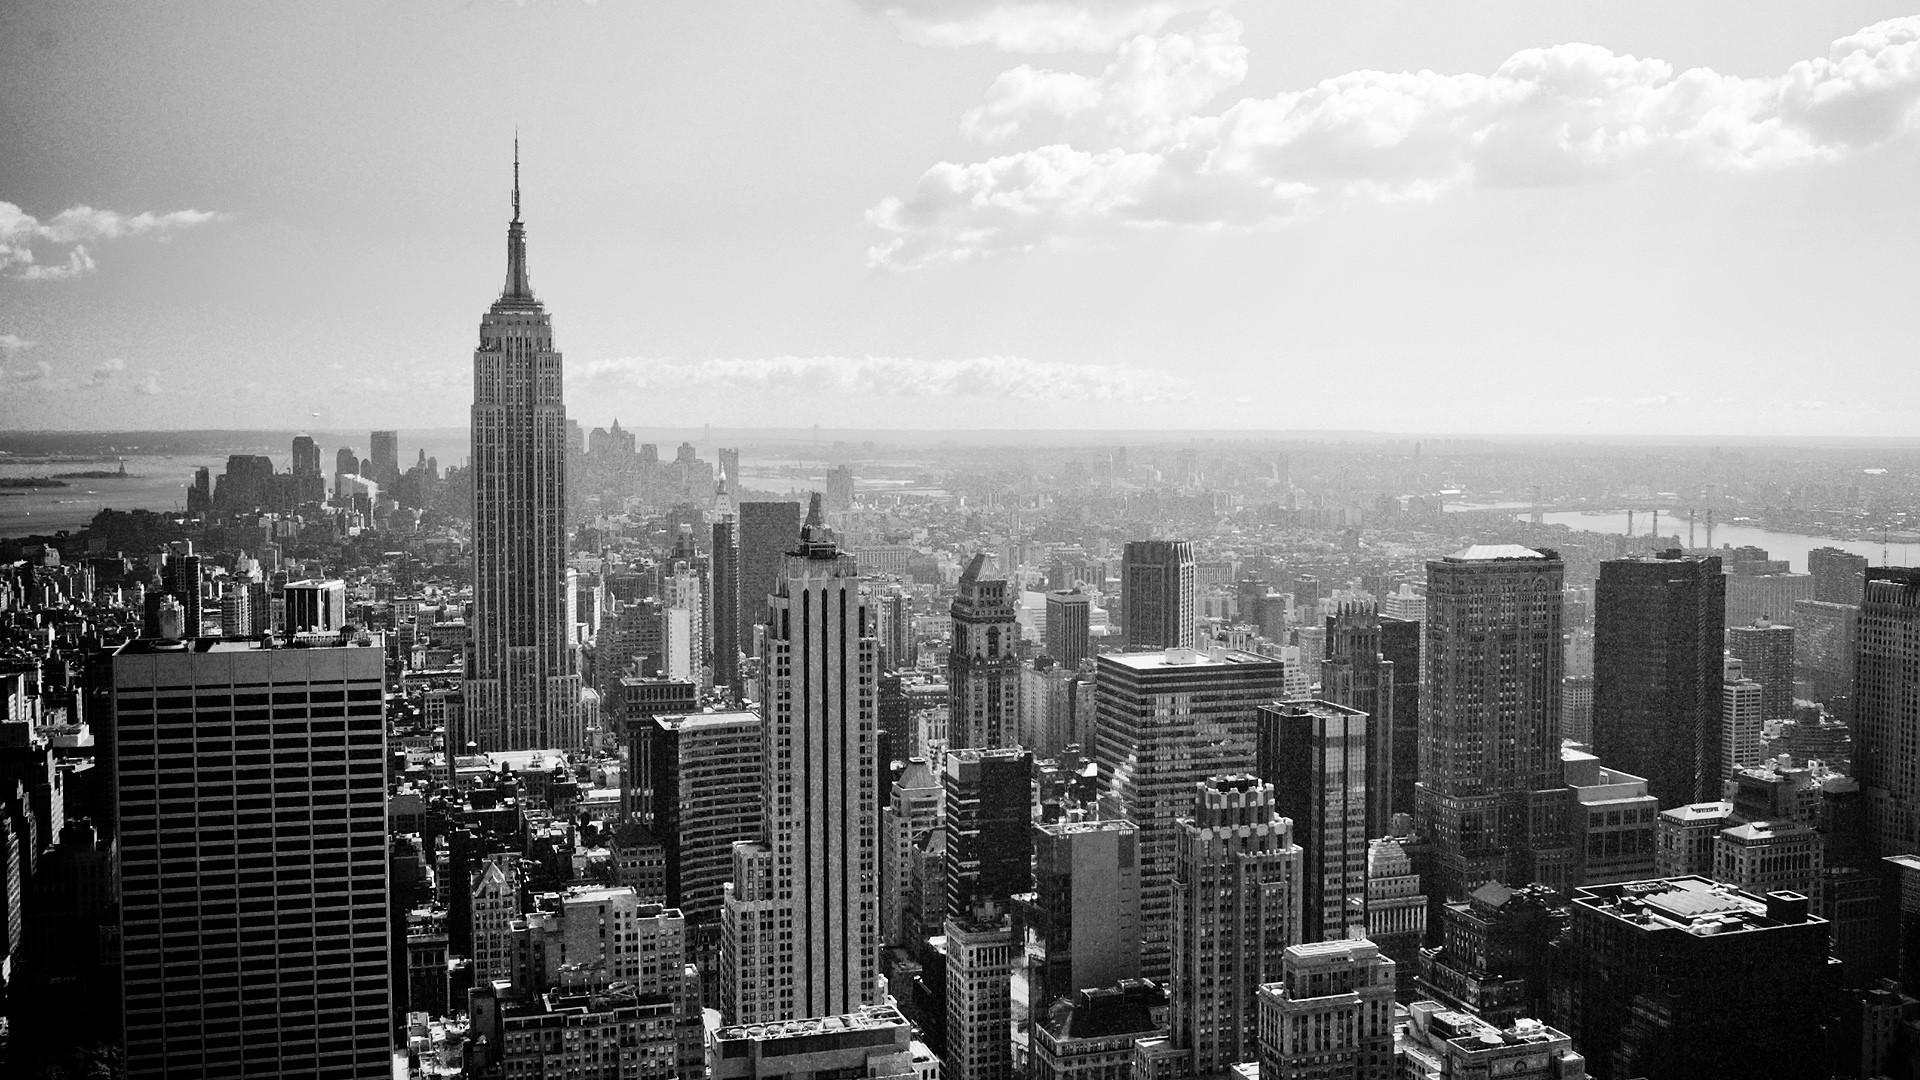 New york 1080p wallpaper wallpapersafari - Wallpaper 1080p new york ...